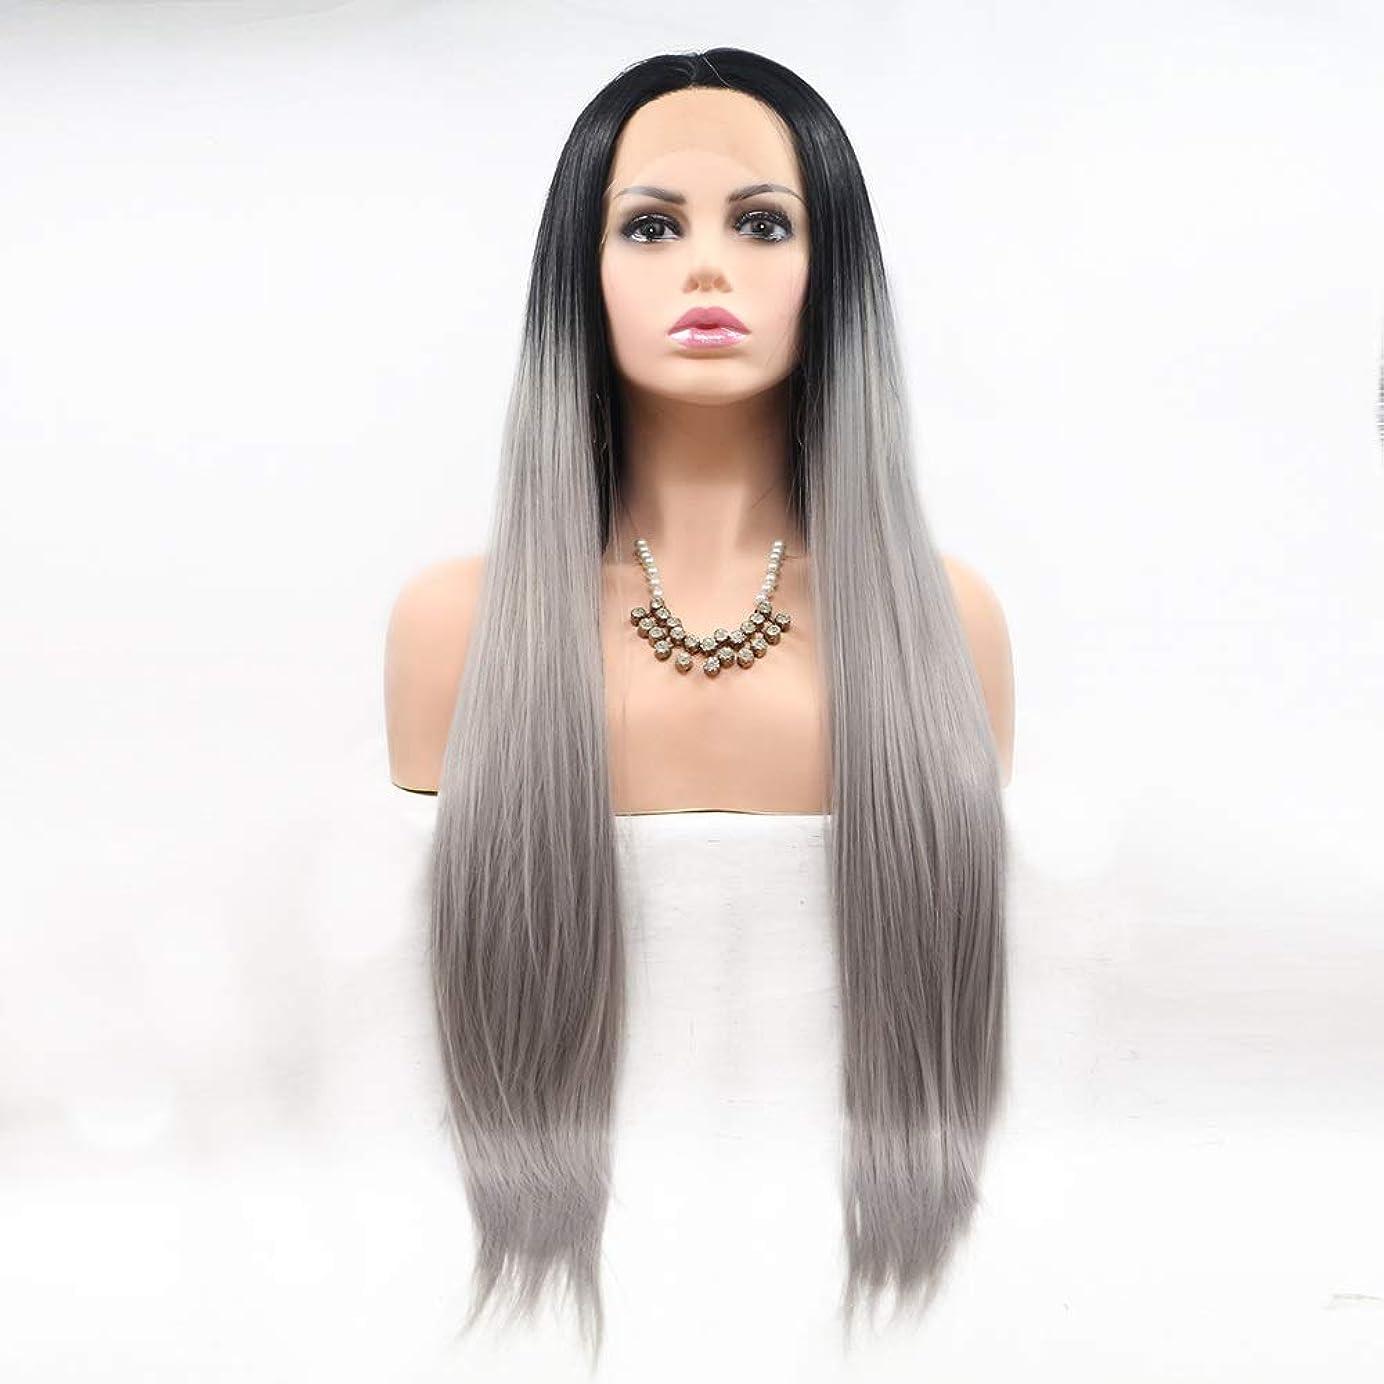 旅行者一握りがんばり続けるZXF 染め女性のヨーロッパとアメリカのかつらは化学繊維かつらの髪のセットの真ん中にセット - 黒 - グレー - グラデーション - 長いストレートの髪 美しい